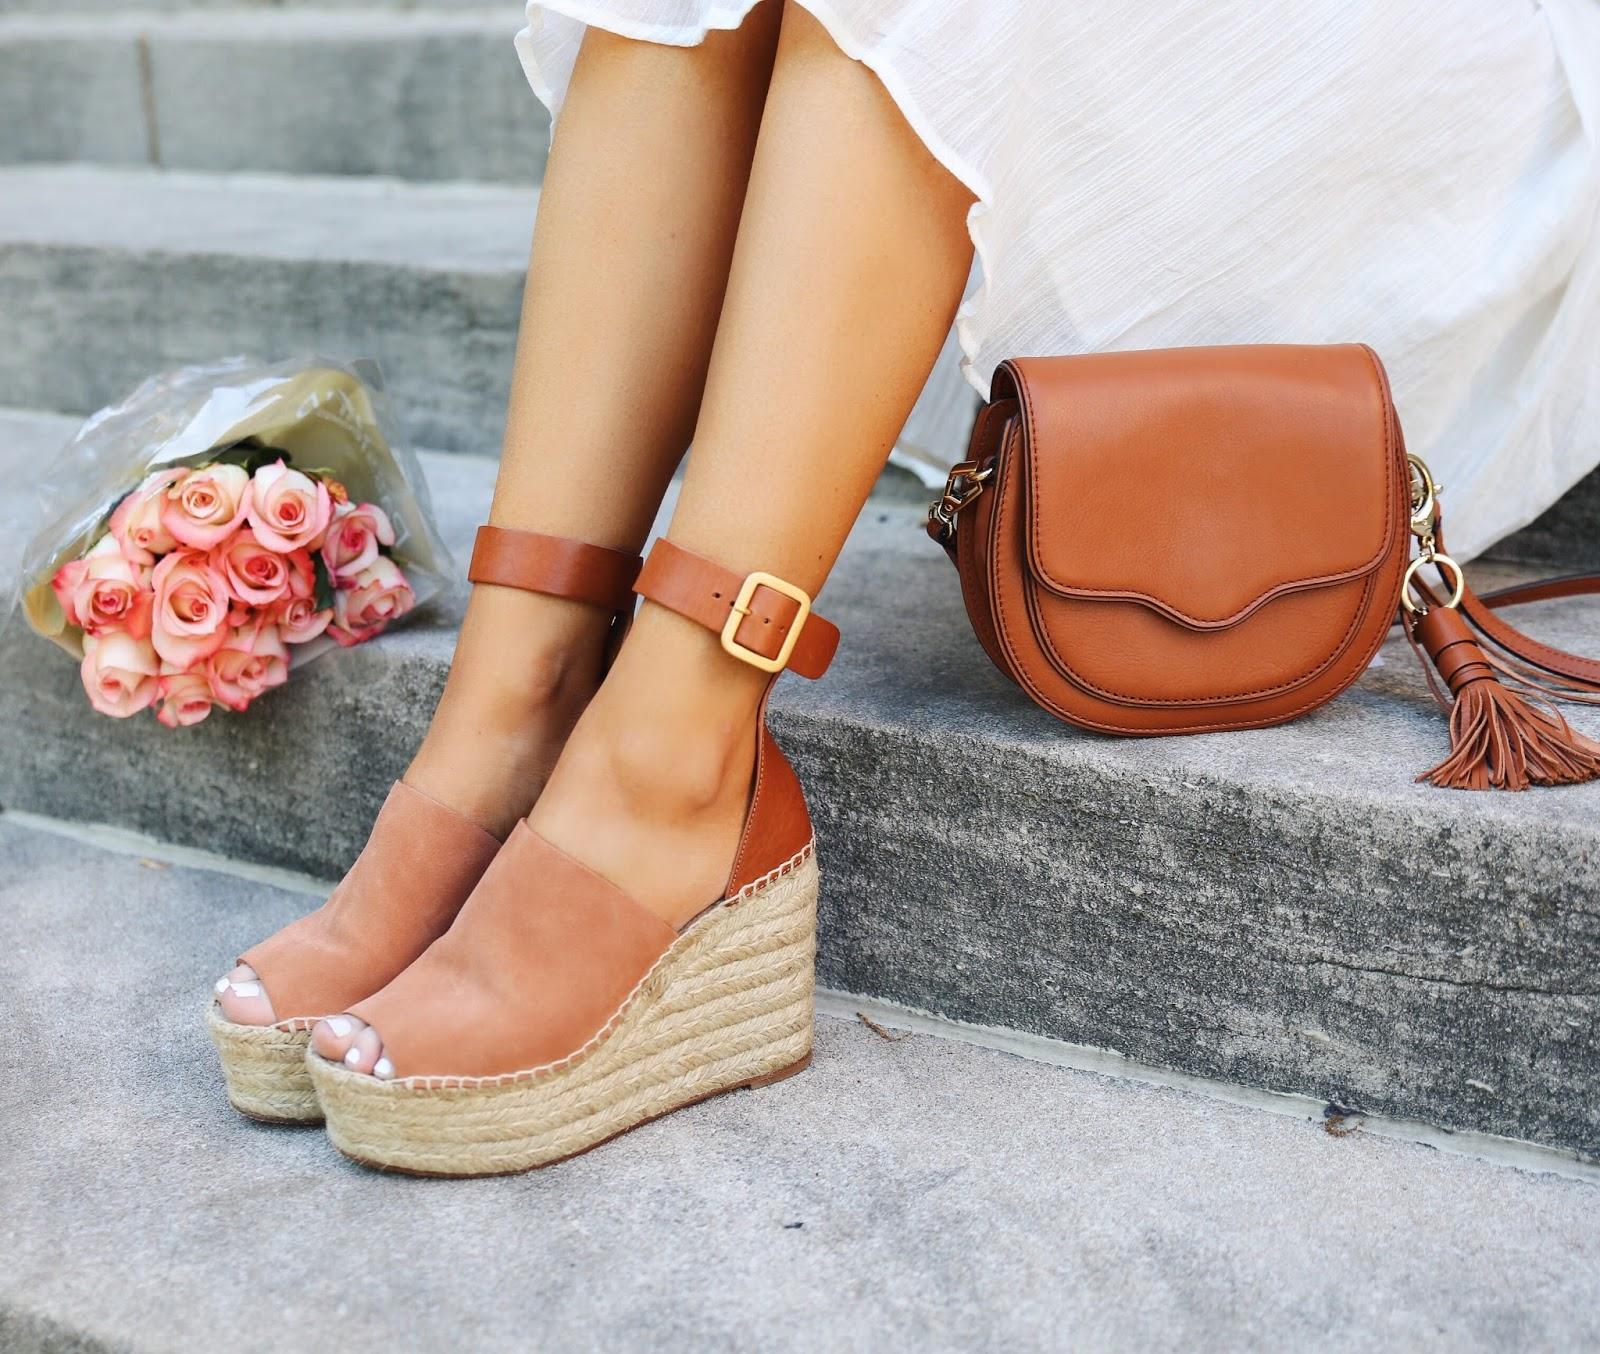 831ea7daef 50 Moda e beleza  As apostas de calçados para o verão 2018